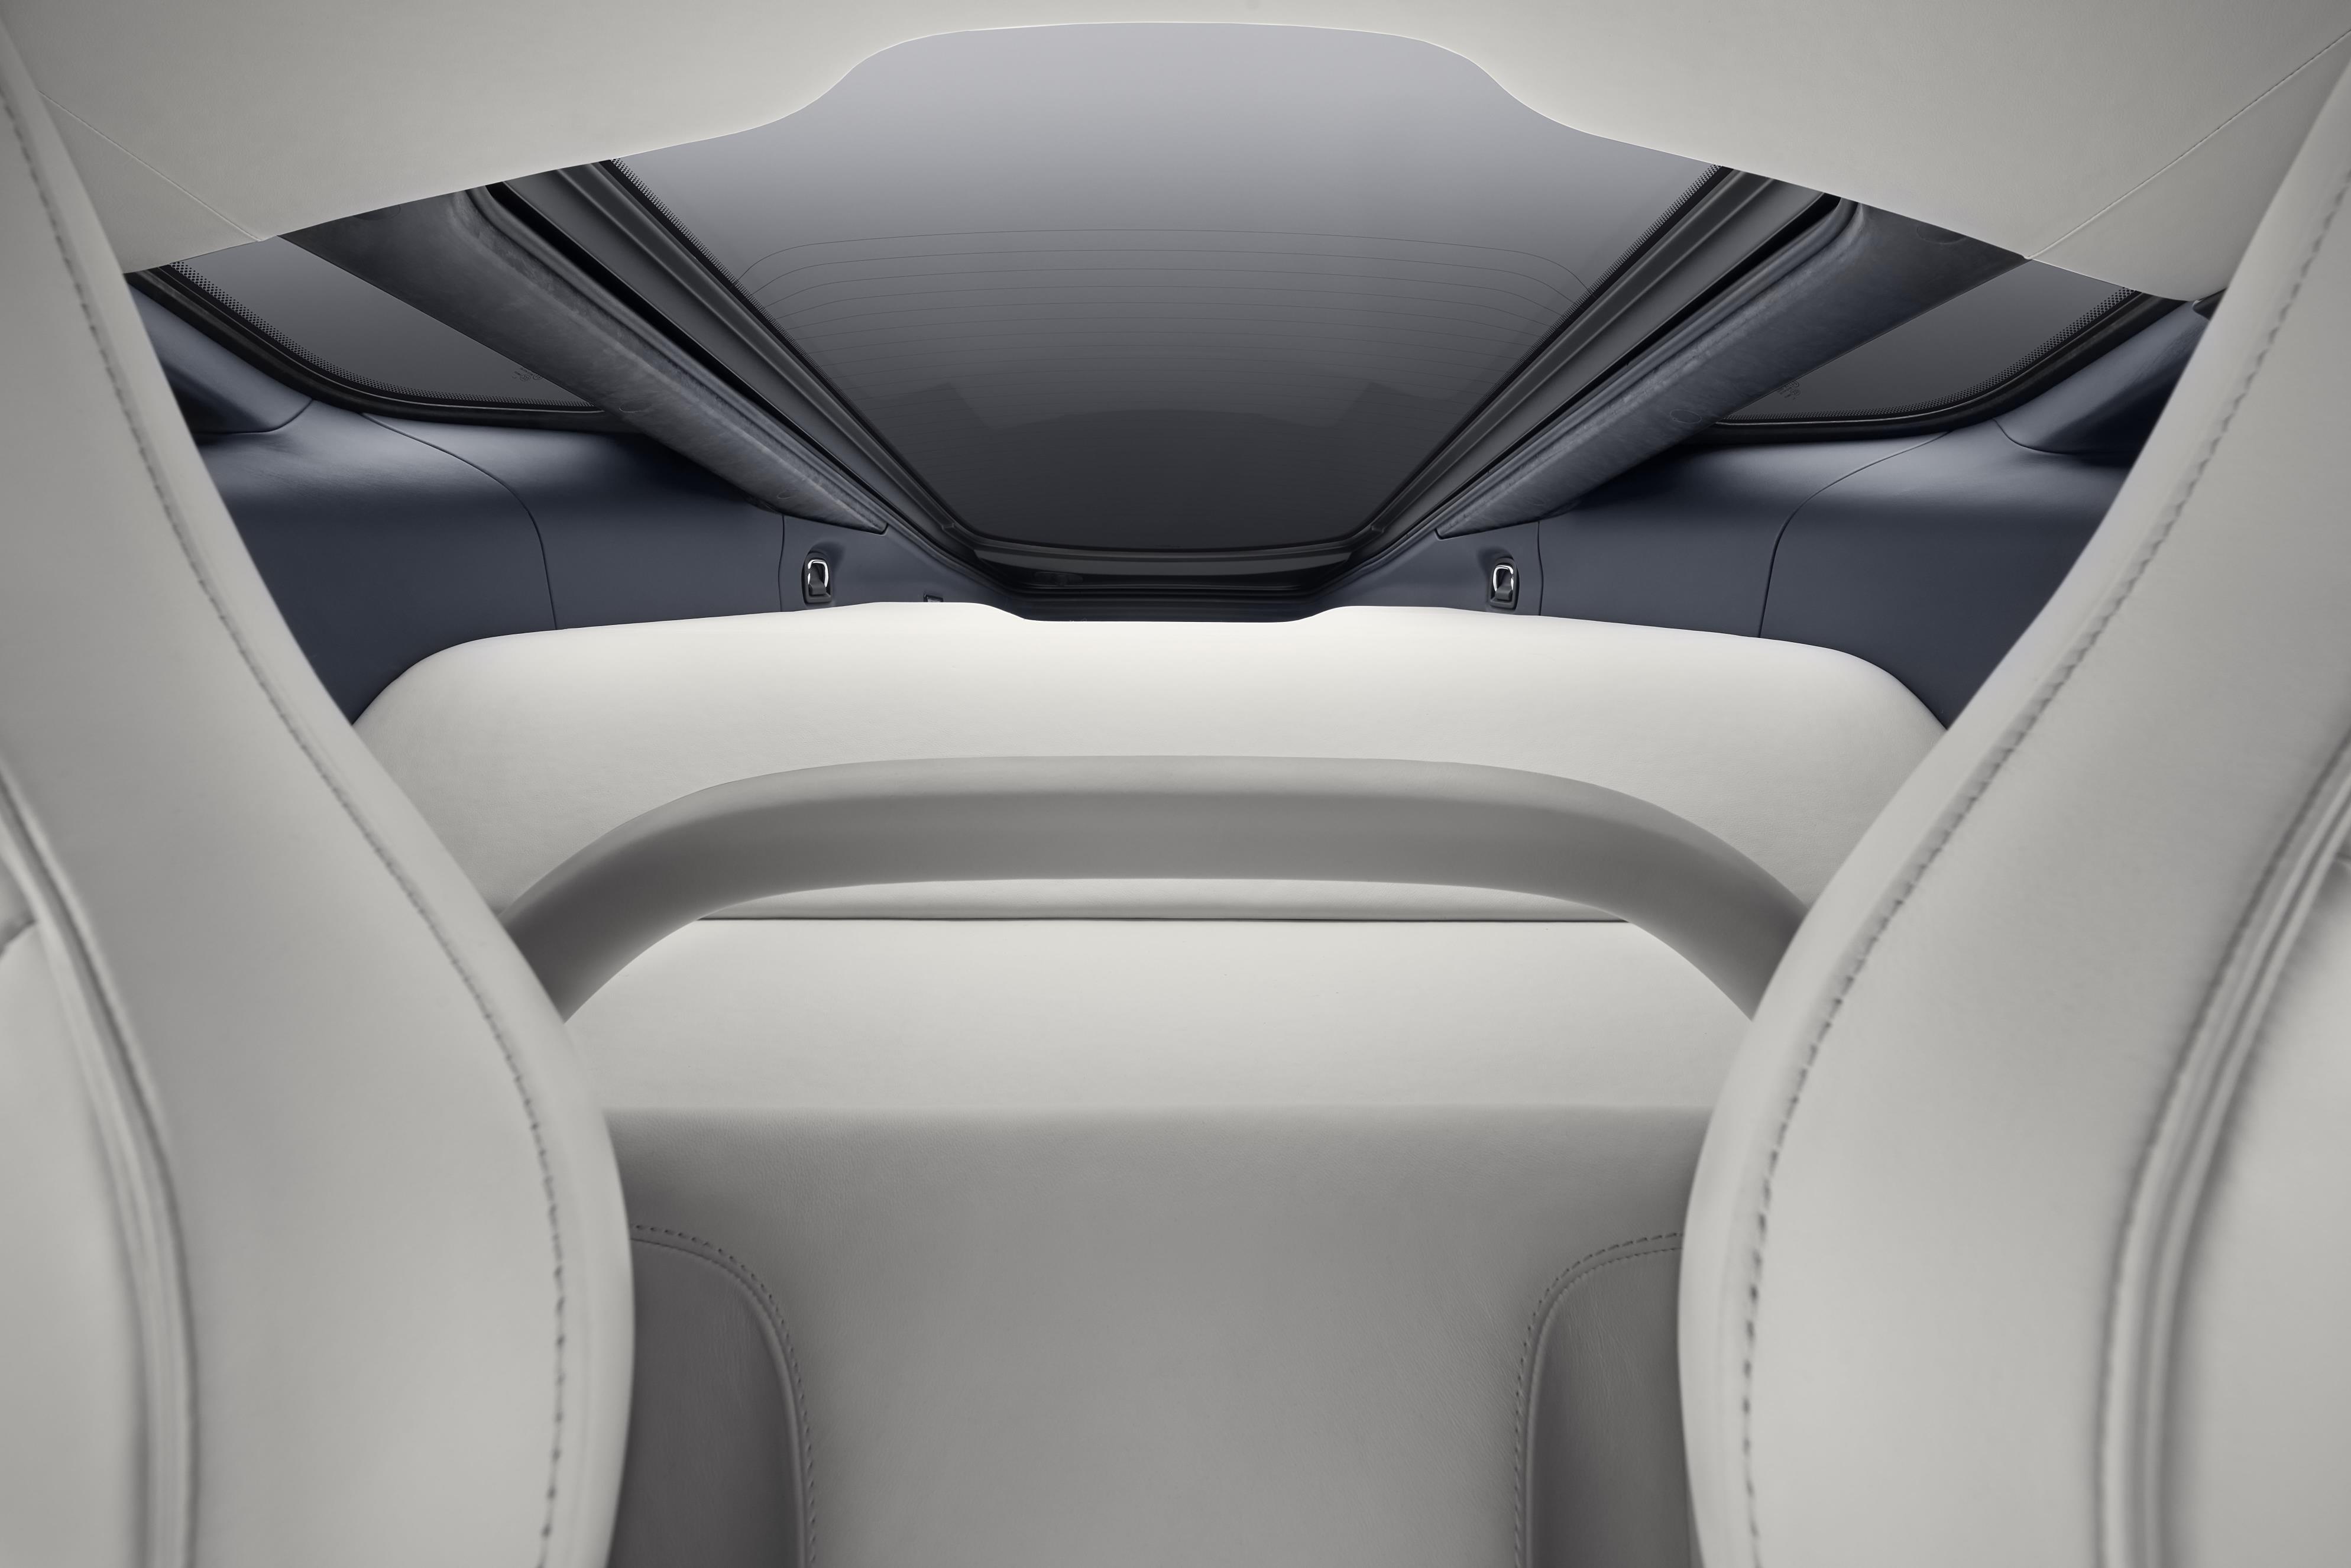 McLaren GT Roof View